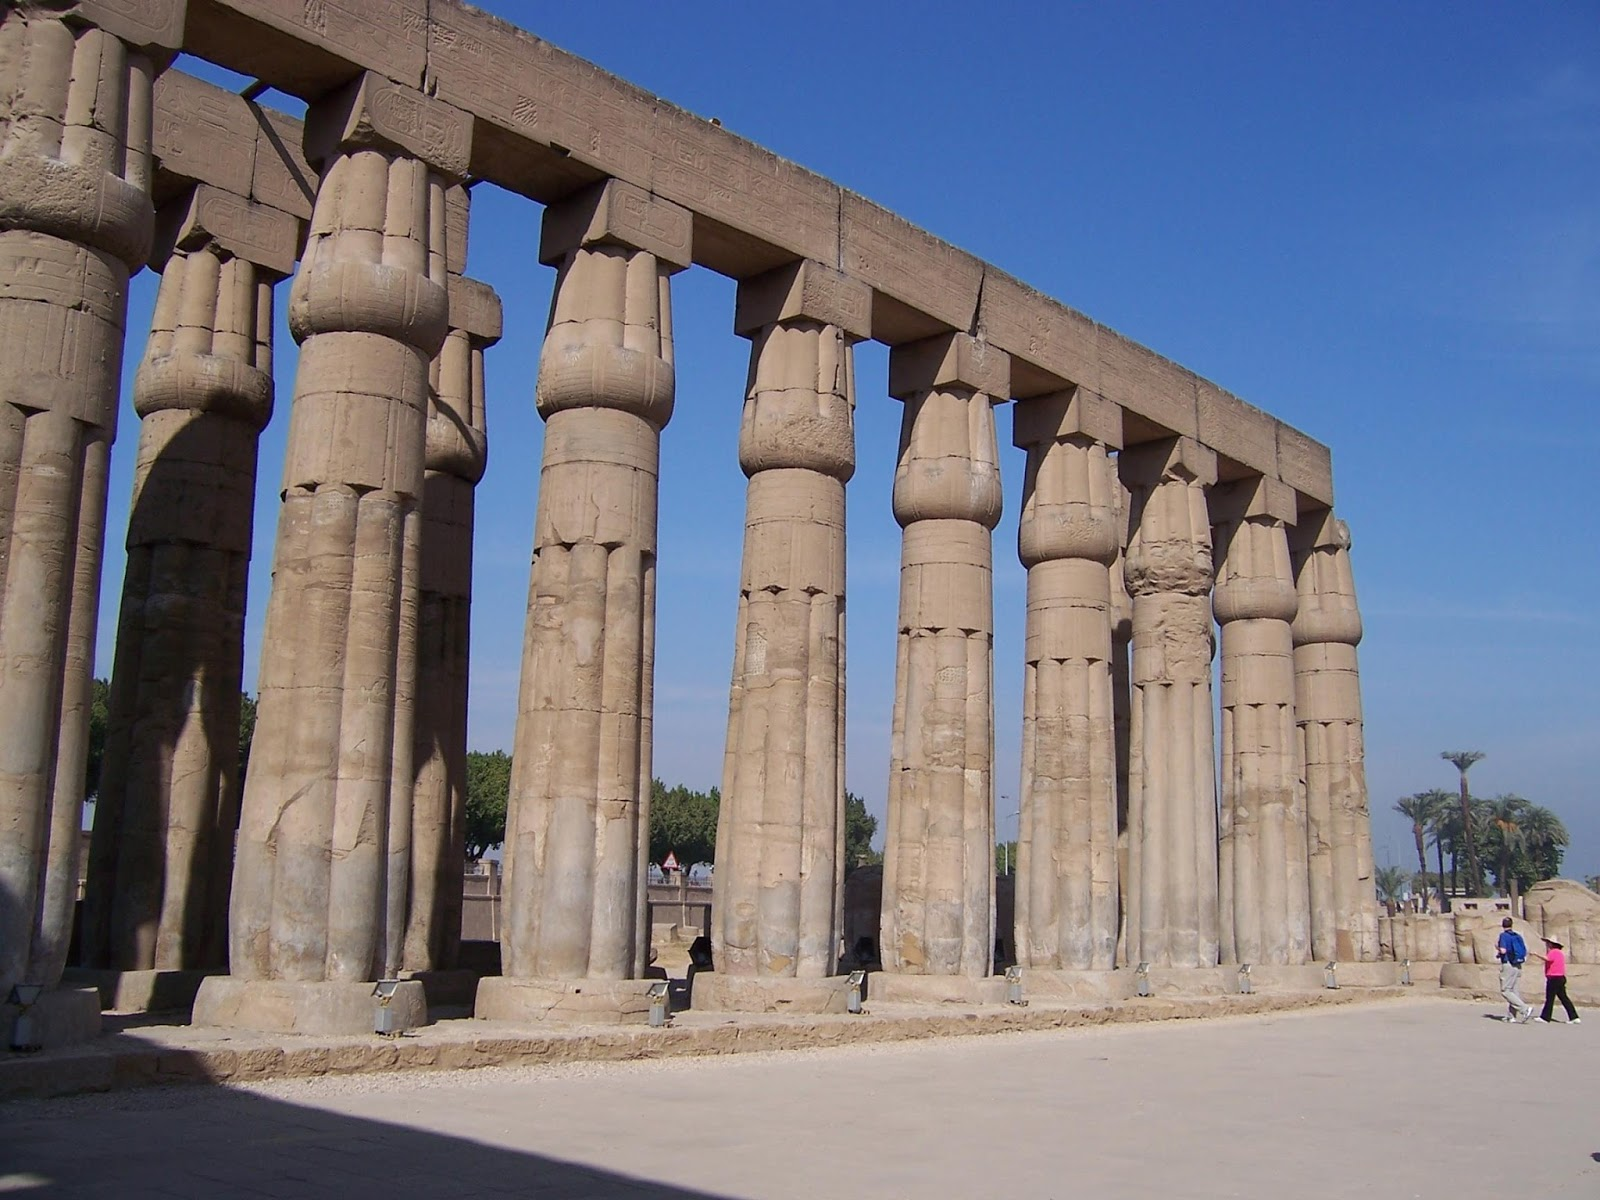 Geograf a historia y arte caracter sticas de la for Arquitectura de egipto